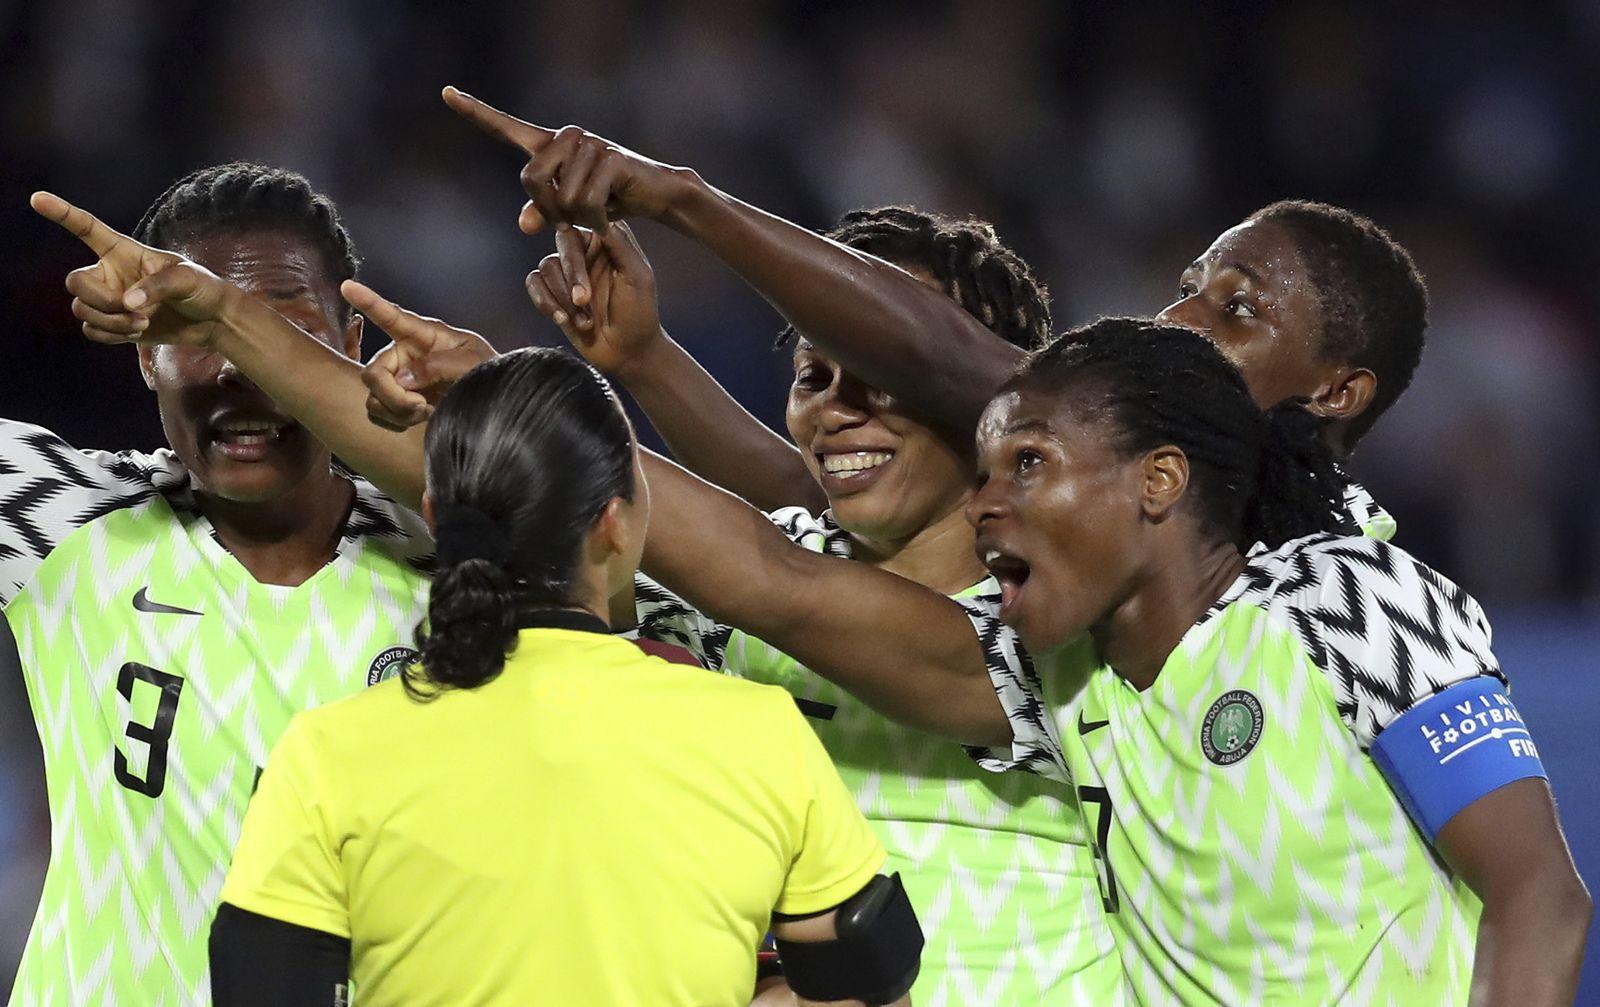 Frauenfußball-WM - Nigeria - Frankreich